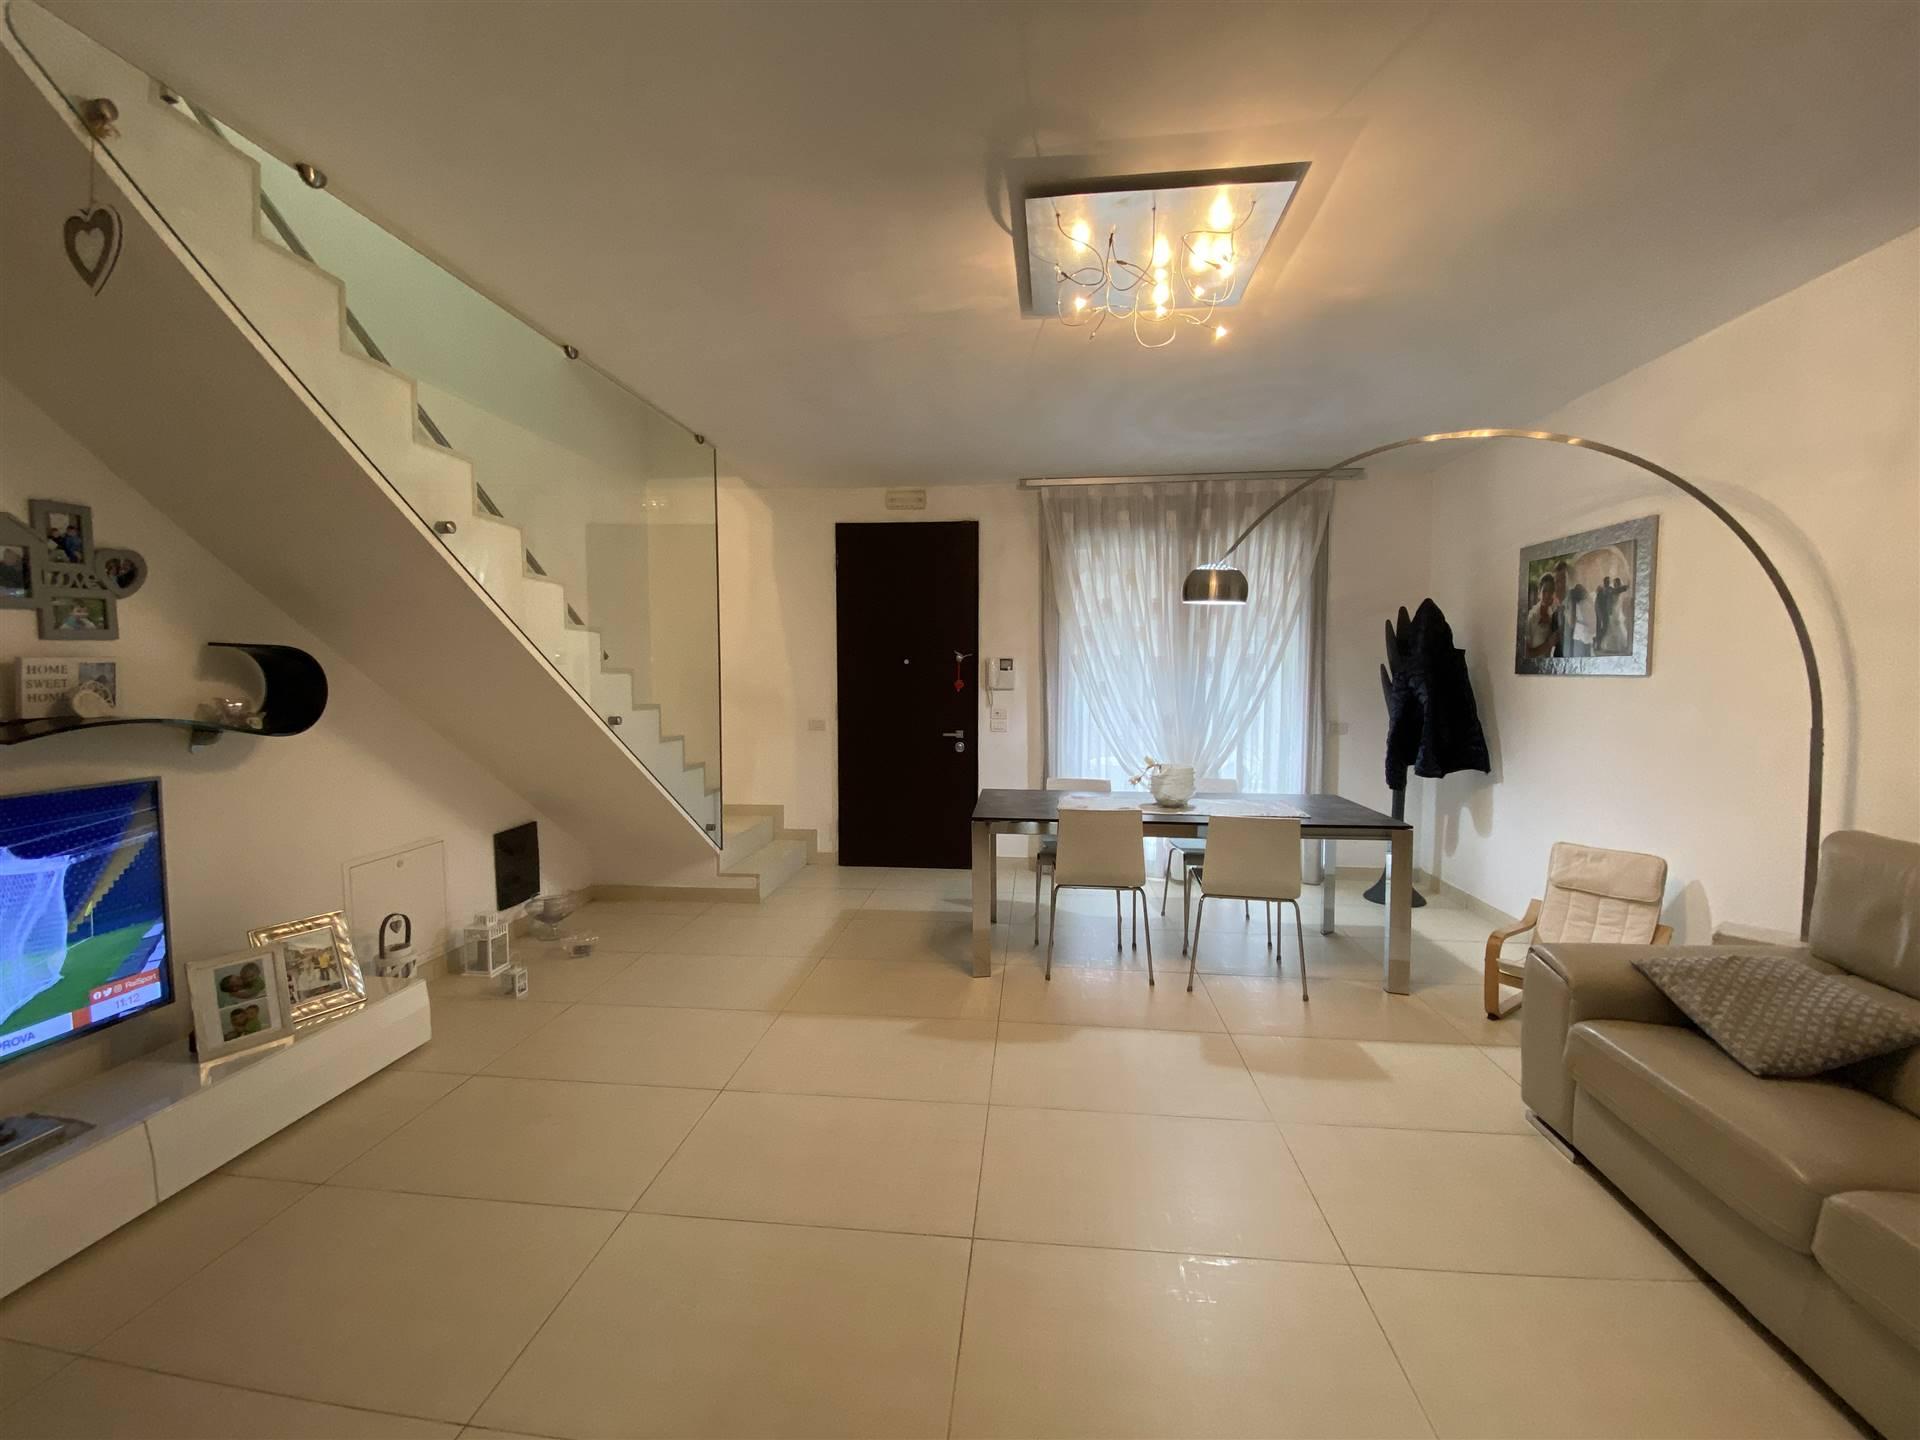 Rif. B268 SANT'ANNA: Vendesi villa a schiera centrale di recente costruzione, di 140 mq suddivisa in tre livelli. Al piano terra soggiorno e cucina